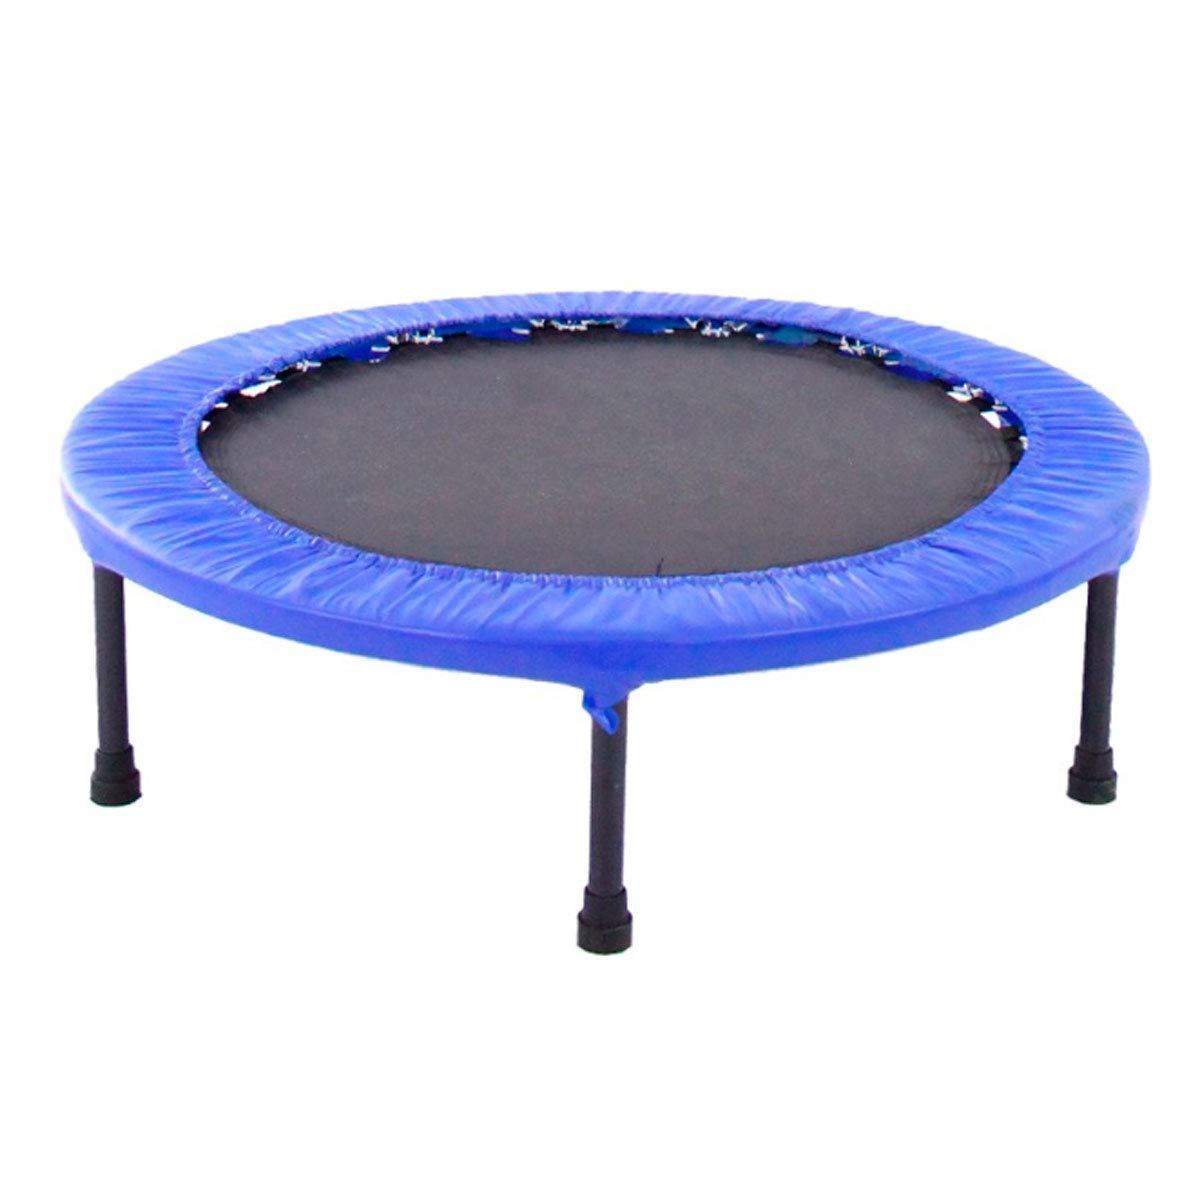 Trampolin verstellbar Mini Elastisches Bett 152 cm (Blau)